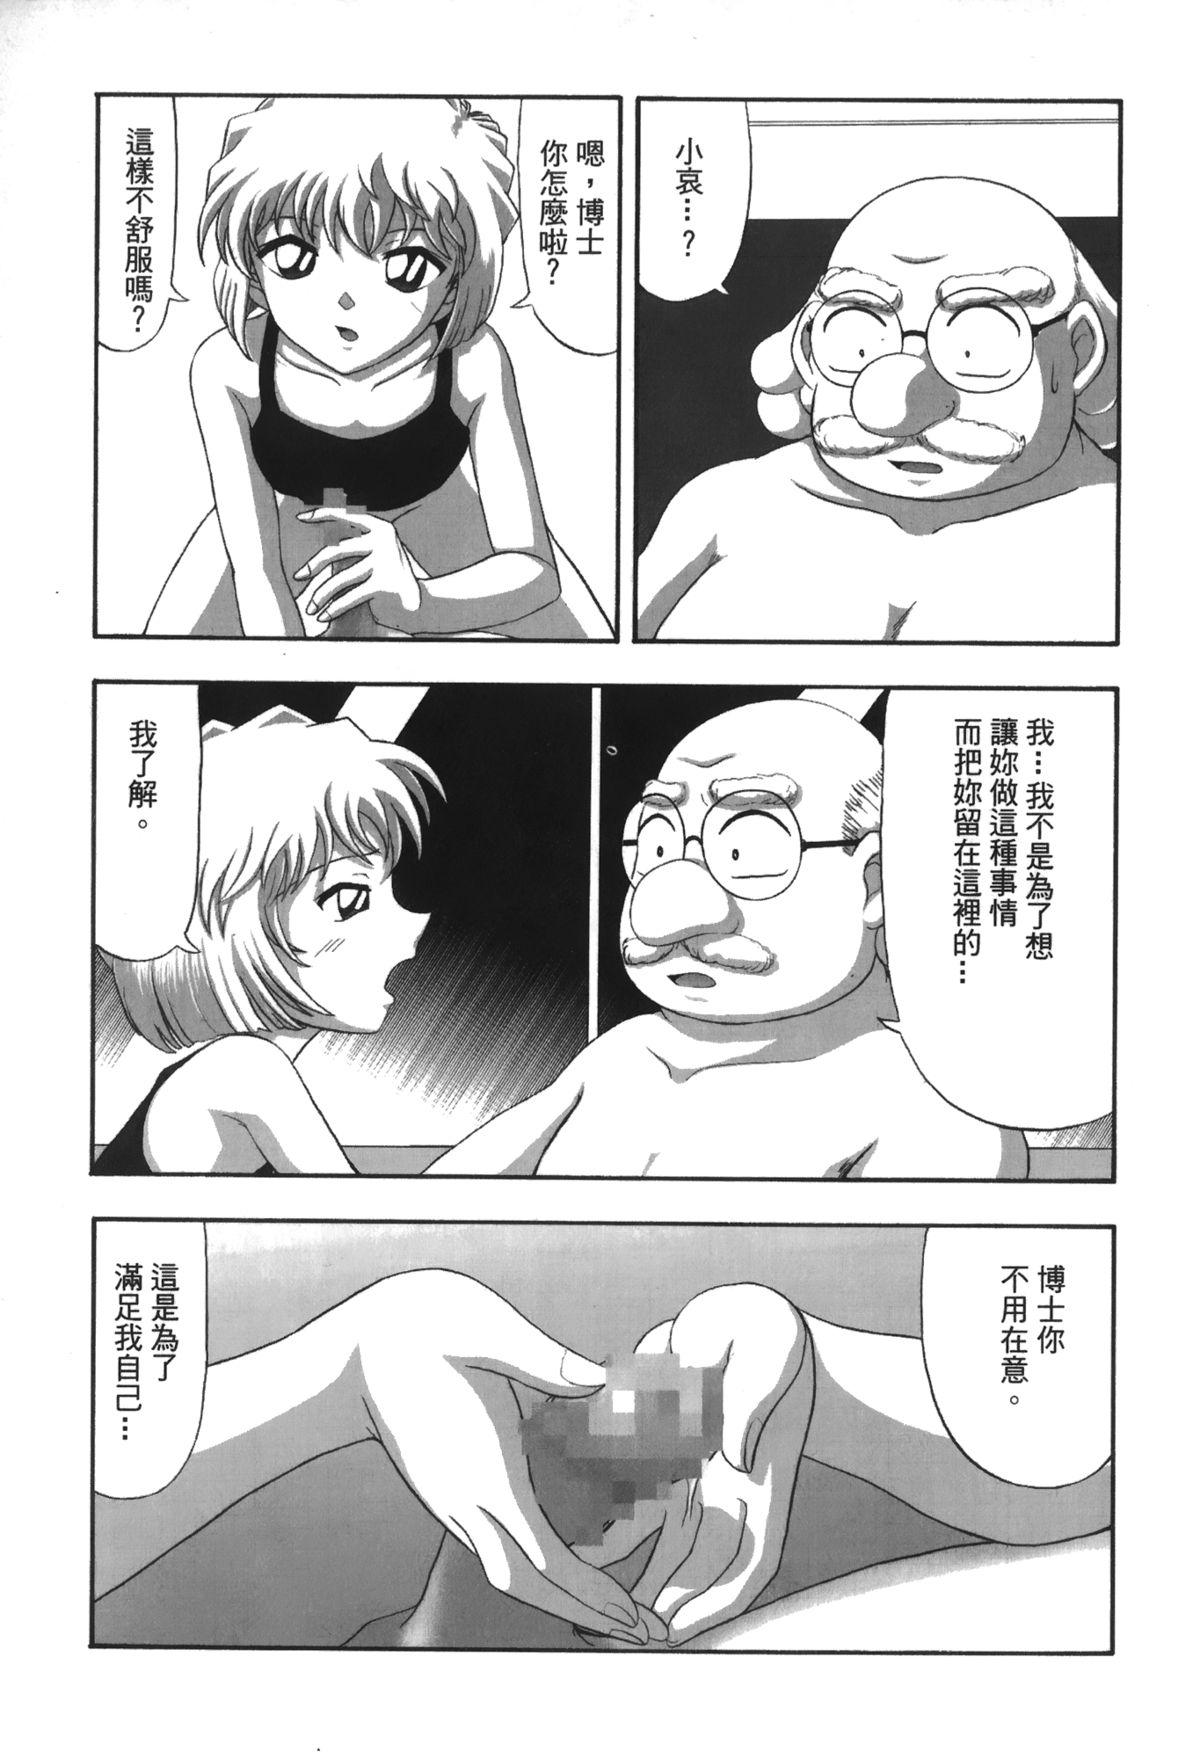 Detective Assistant Vol. 13 51